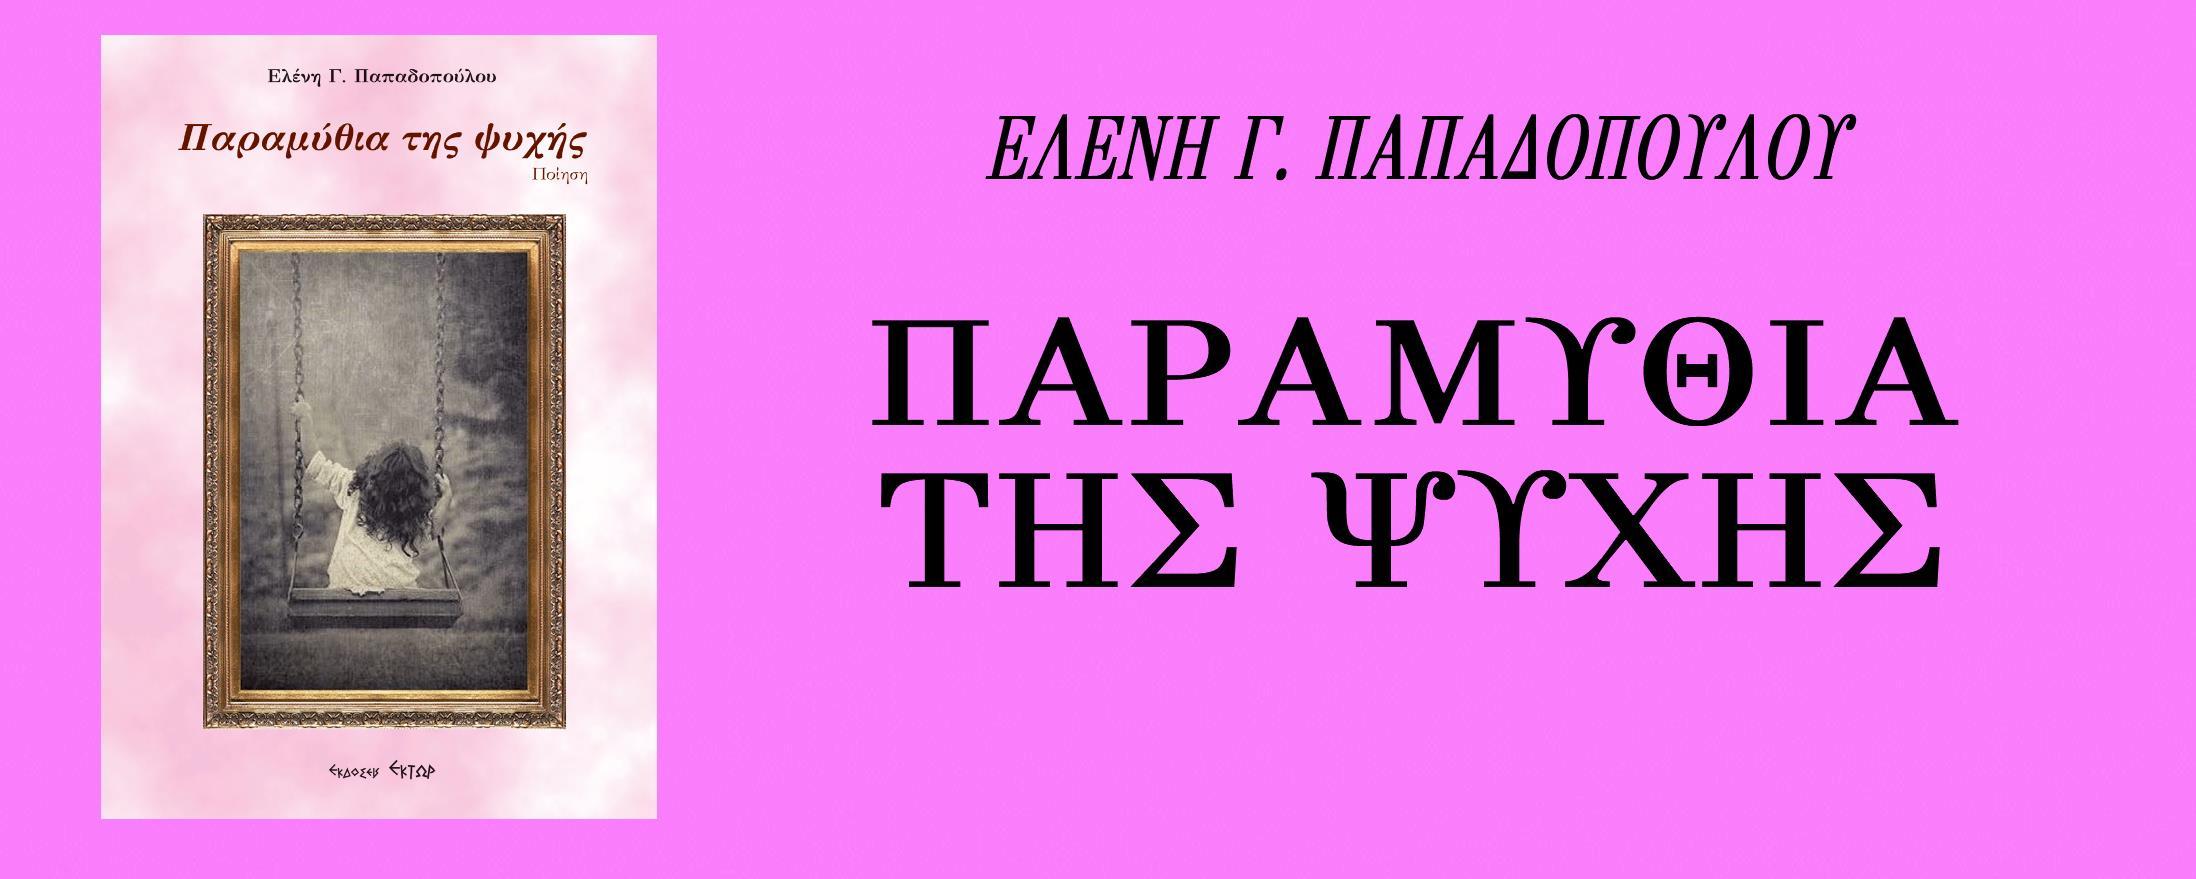 «Ποίηση ελληνική» – Κριτική του Χρίστου Γούδη στη νέα ποιητική συλλογή της Ελ. Παπαδοπούλου